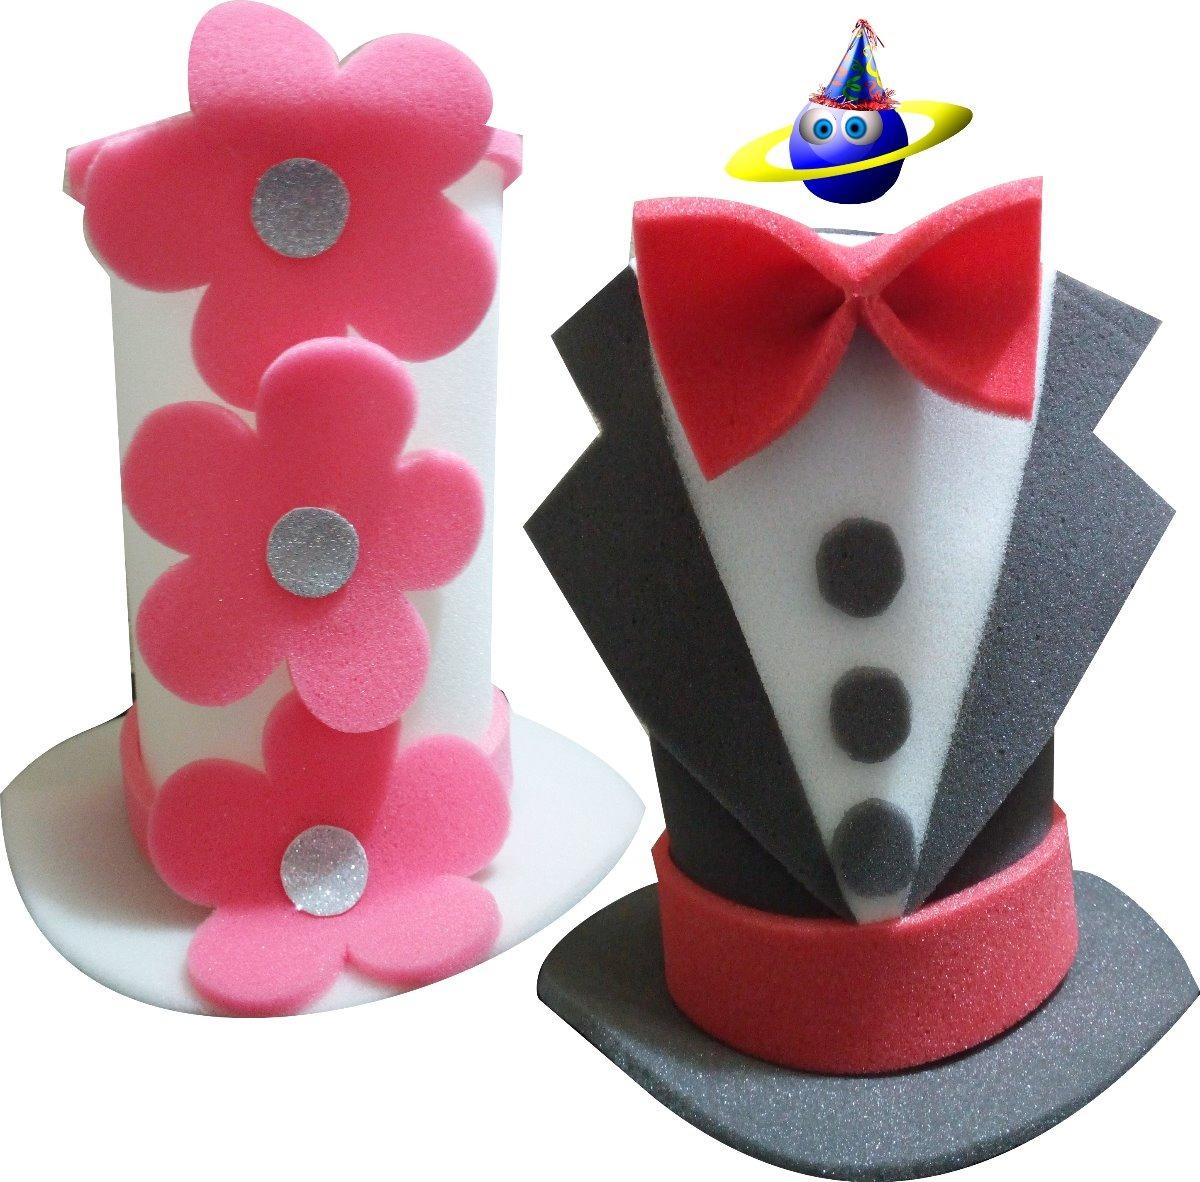 sombreros de espuma boda novios fiesta hule goma batucada dj. Cargando zoom. 7d1241d6a45